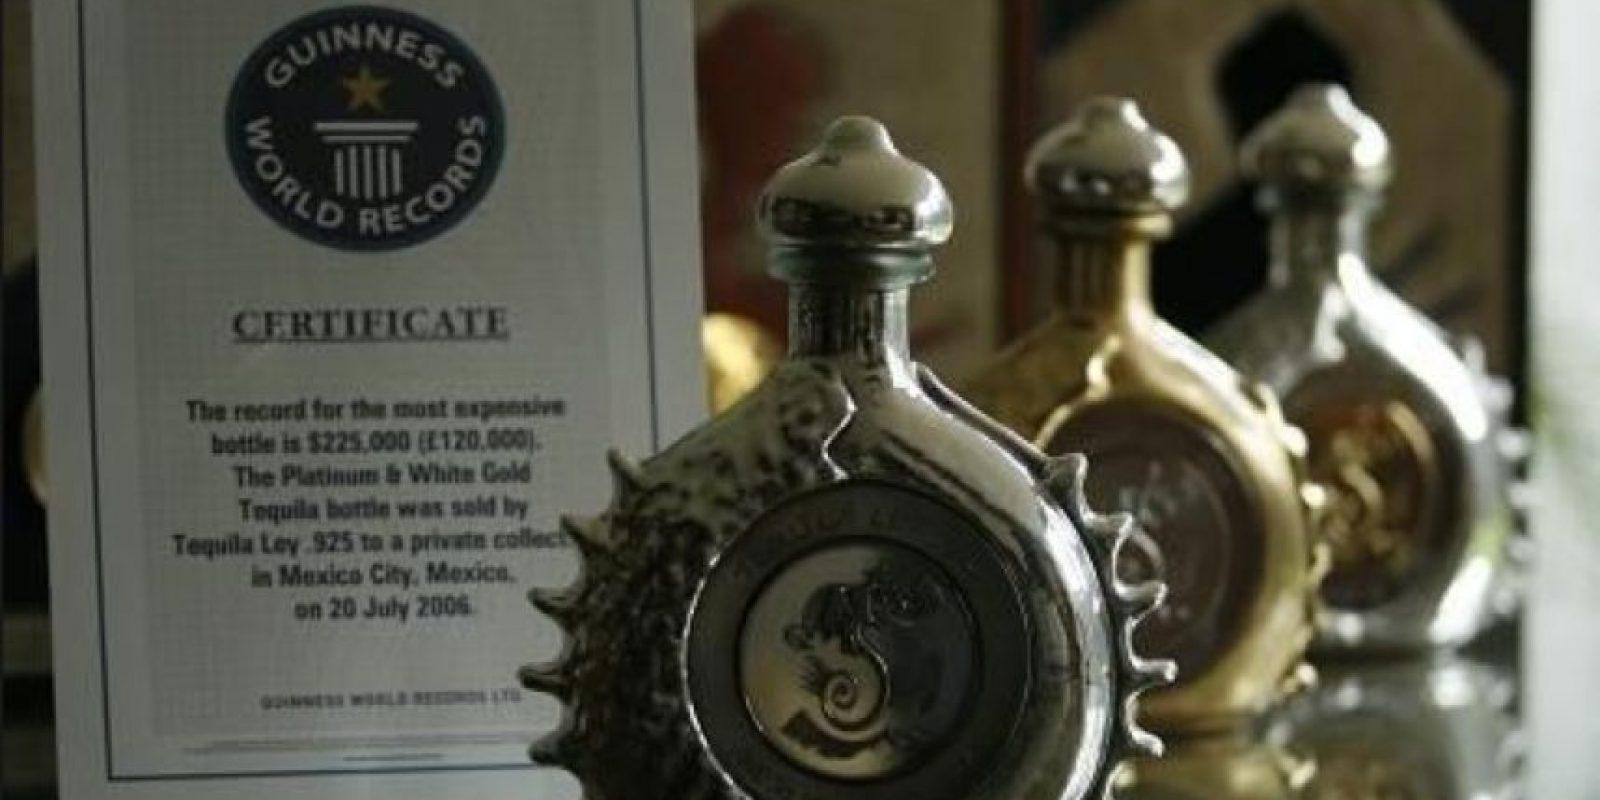 El tequila Ley .925 Pasión Azteca Ultra Premium está embotellado en un empaque de platino puro y oro blanco. Foto:Vía Pinteres